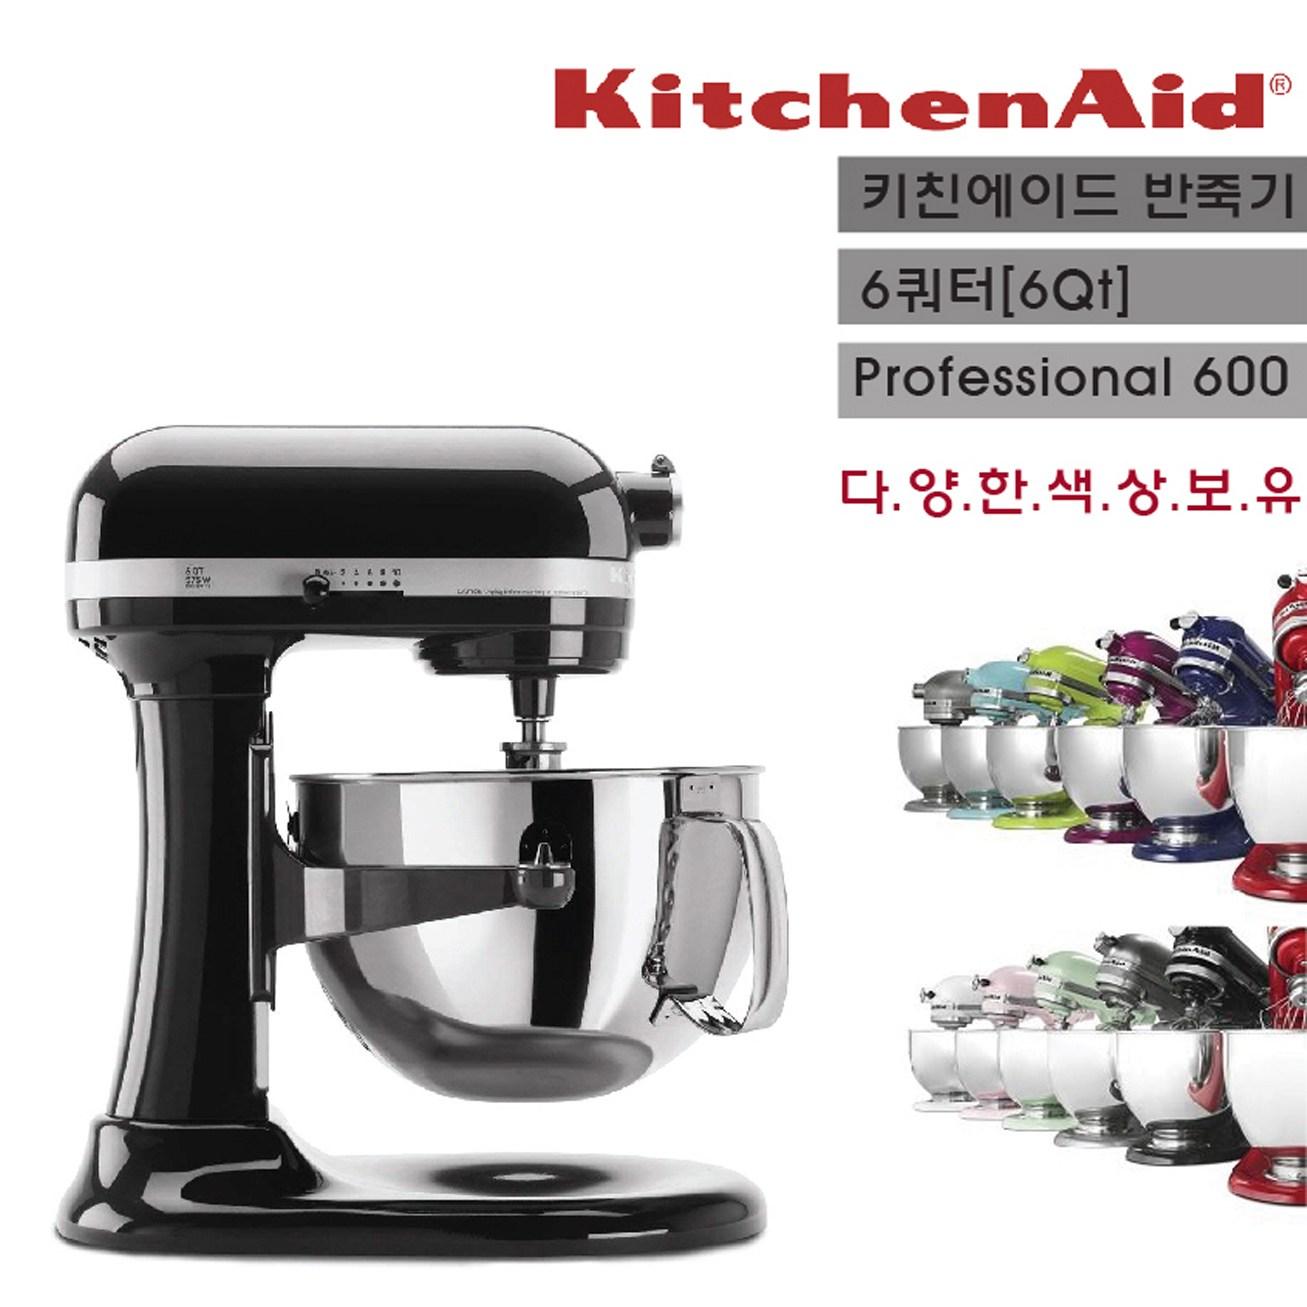 KitchenAid 키친에이드 가정용 반죽기 6쿼터 KP26M1 미국직배송 (관부가세포함), 9)오닉스블랙